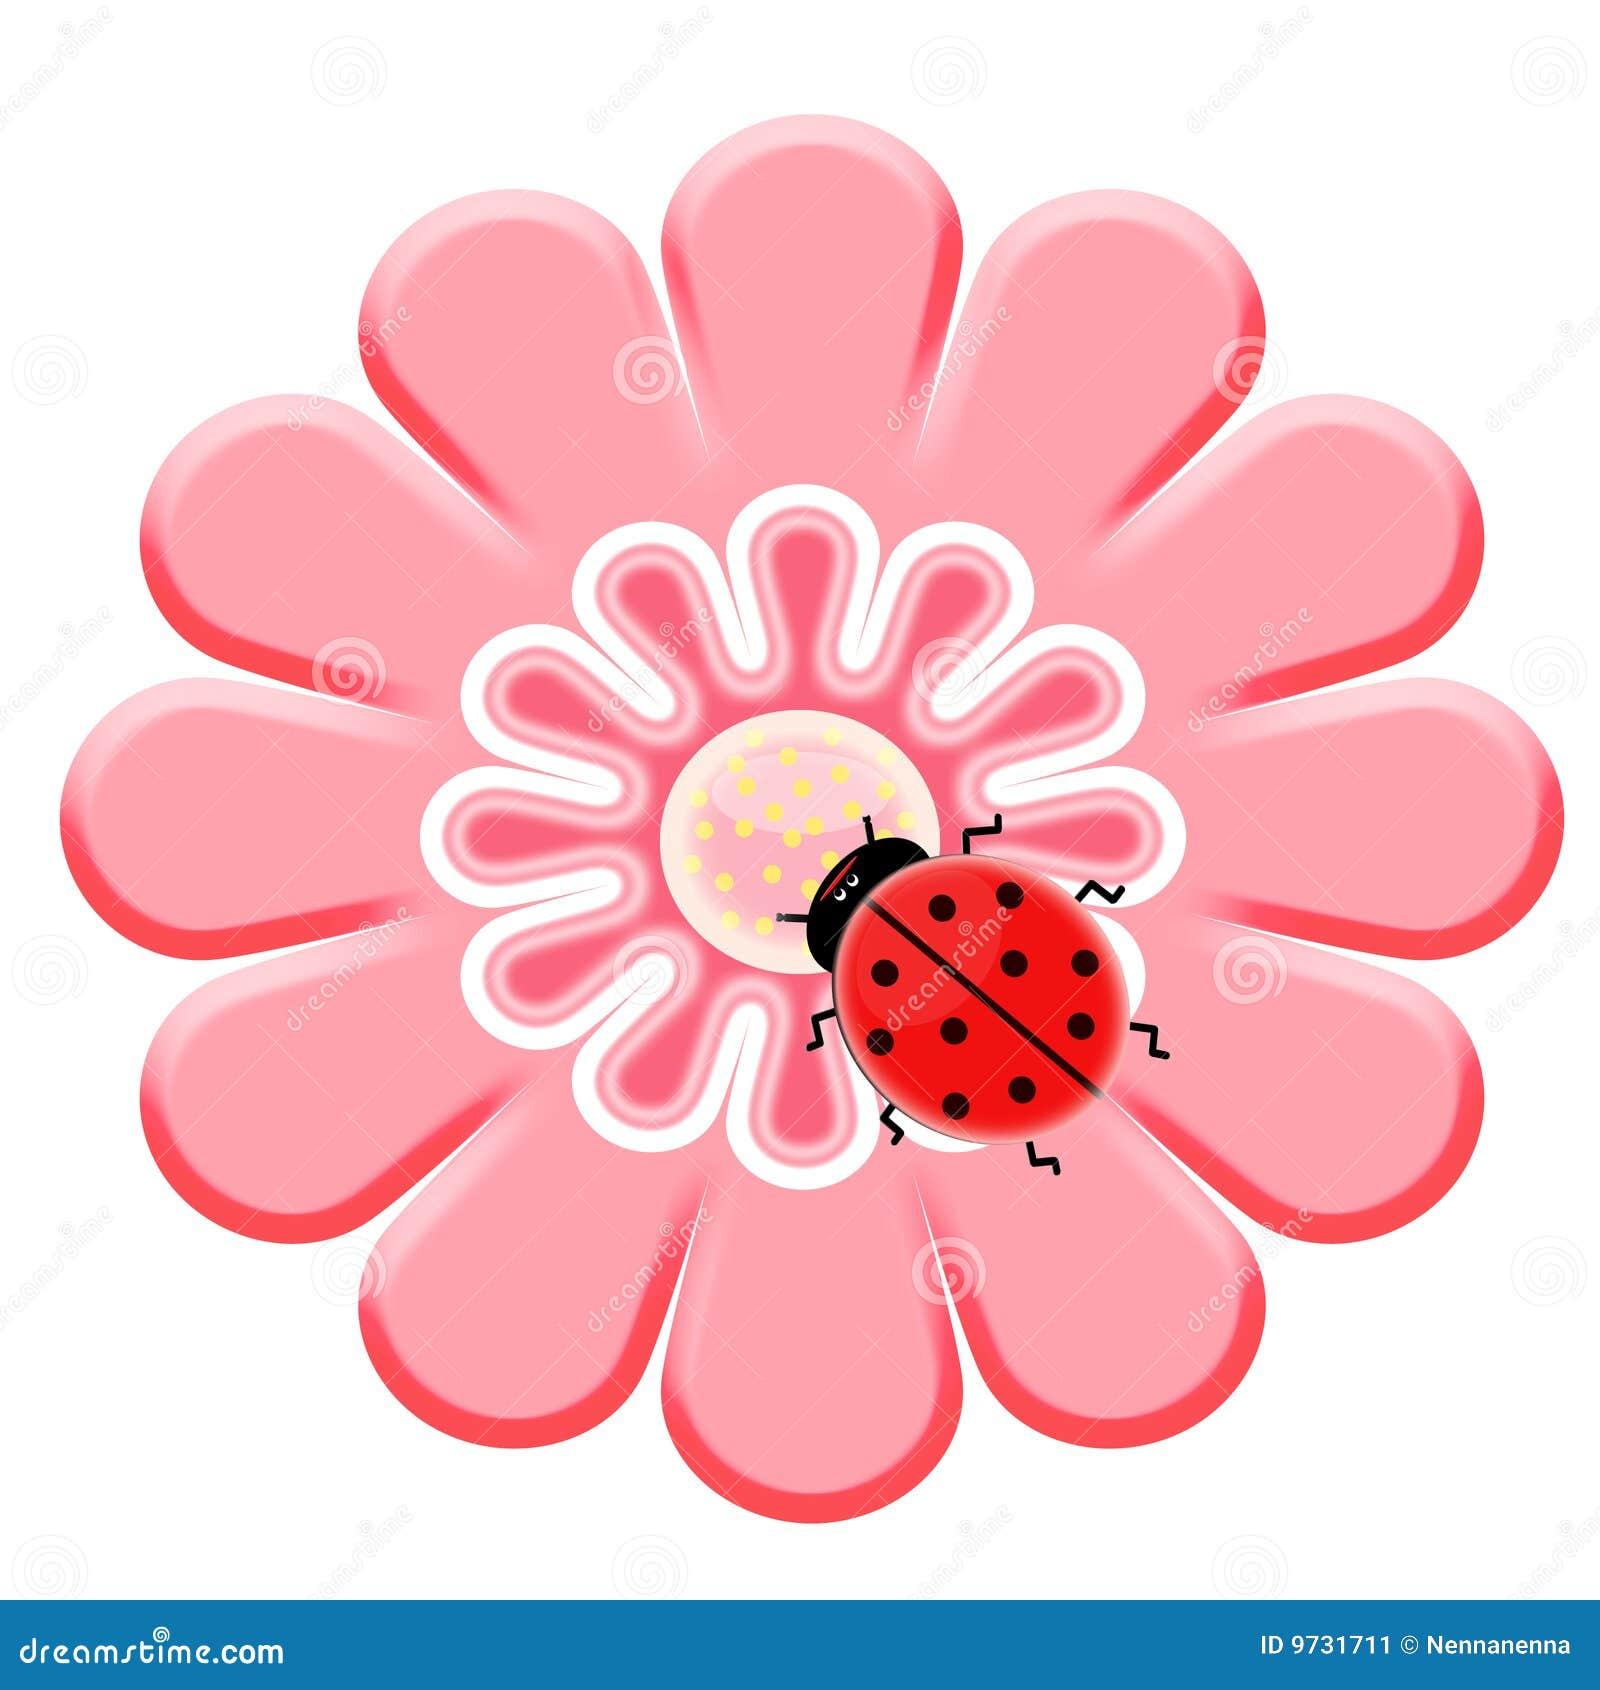 ladybug on the pink flower stock image